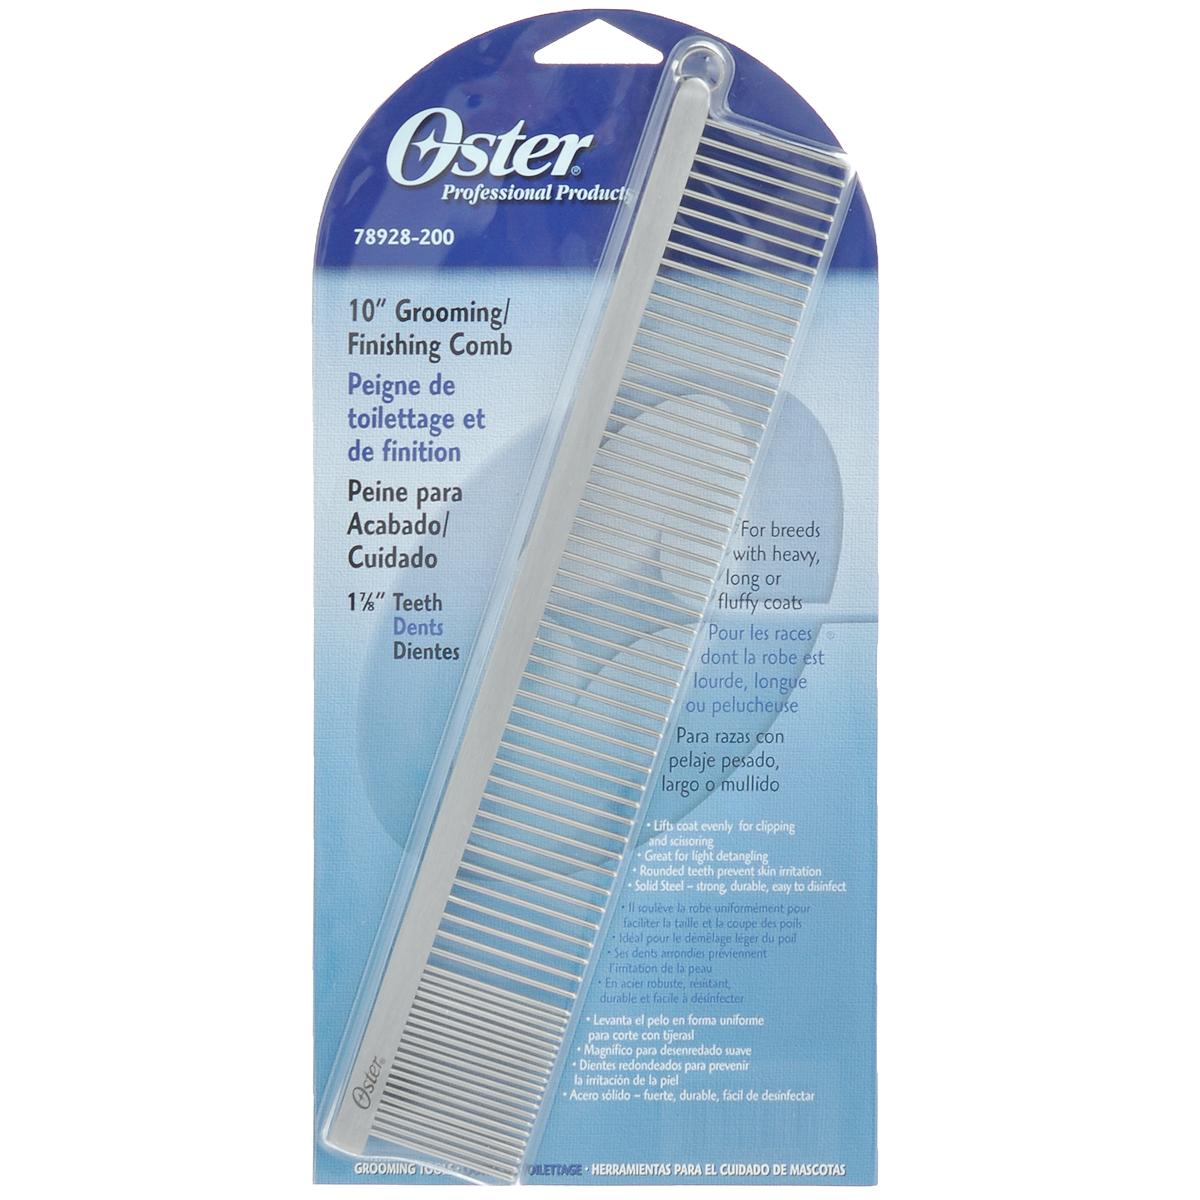 Расческа для животных Oster, длина 25 см078928-200Расческа для животных Oster - это большая металлическая комбинированная расческа с закругленными зубьями. Расческа имеет две частоты зубьев. Гребень предназначен для пород с тяжелой, длинной и пушистой шерстью. Равномерно удаляет отмершие и спутанные волосы, подготавливая шерсть для возможной стрижки. Закругленные зубцы препятствуют повреждению волоса при расчесывании и раздражению кожи. Твердая сталь - крепкая, долговечная и легкая в использовании. Длина зубьев: 3,5 см. Длина расчески: 25 см.